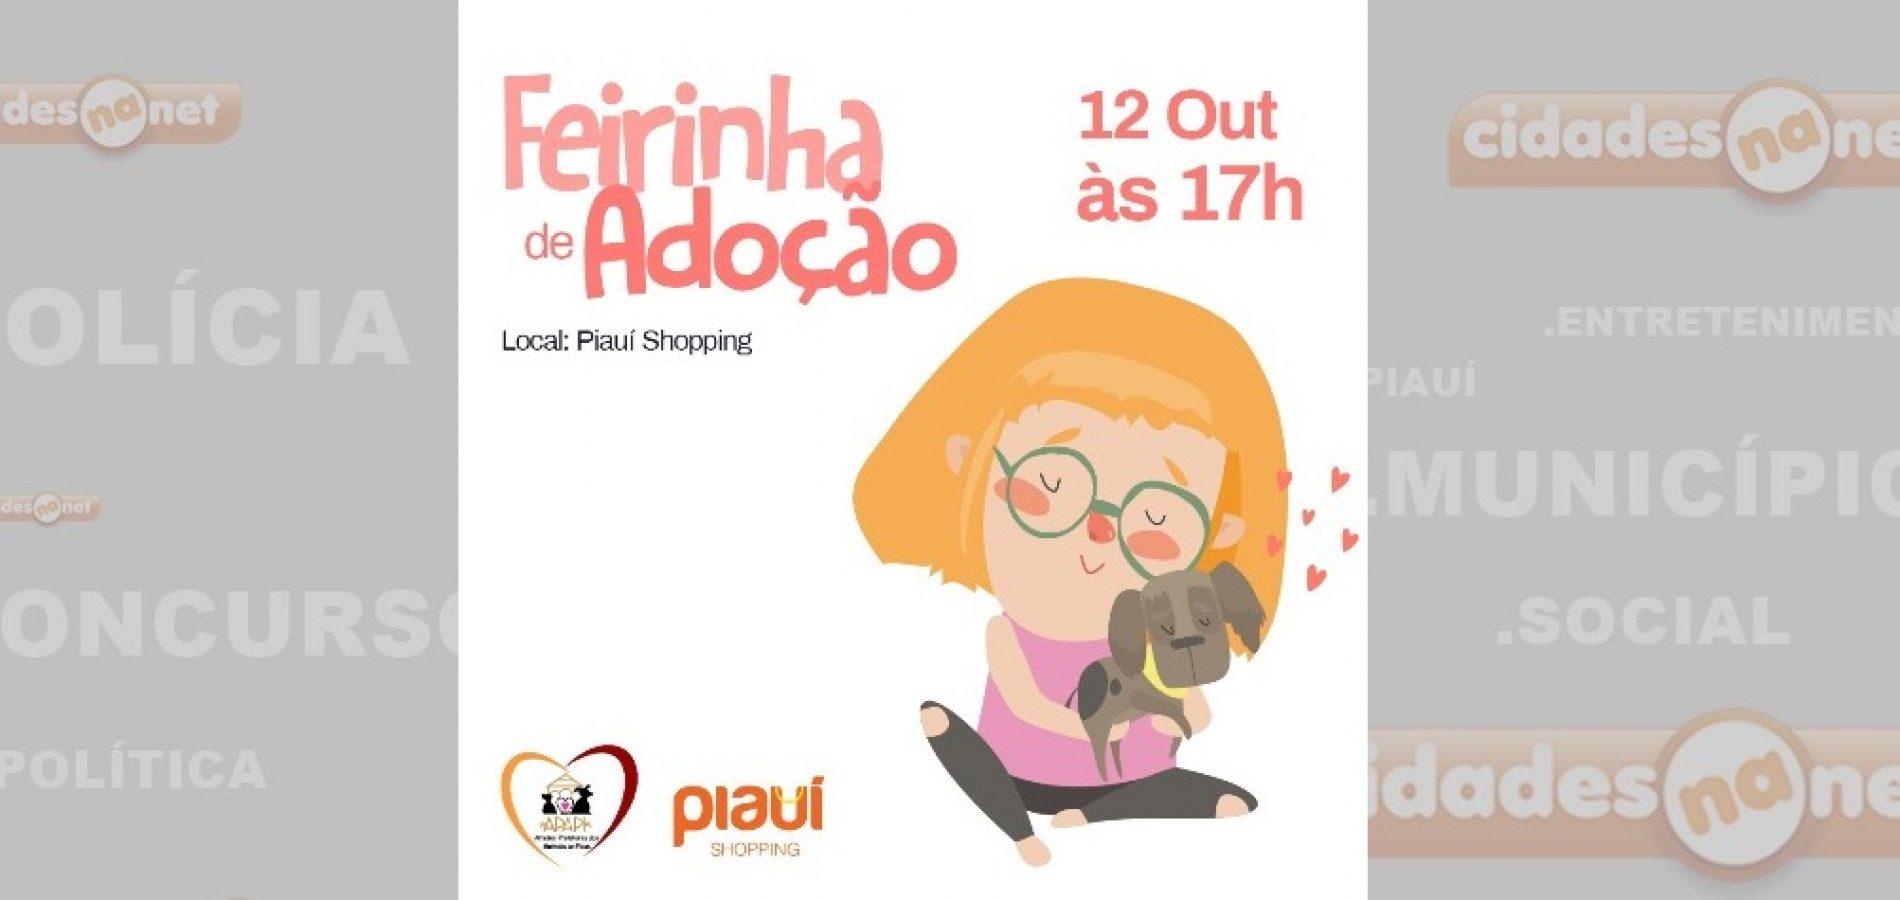 PICOS   APAPI promoverá Feirinha de Adoção de animais no próximo sábado, 12